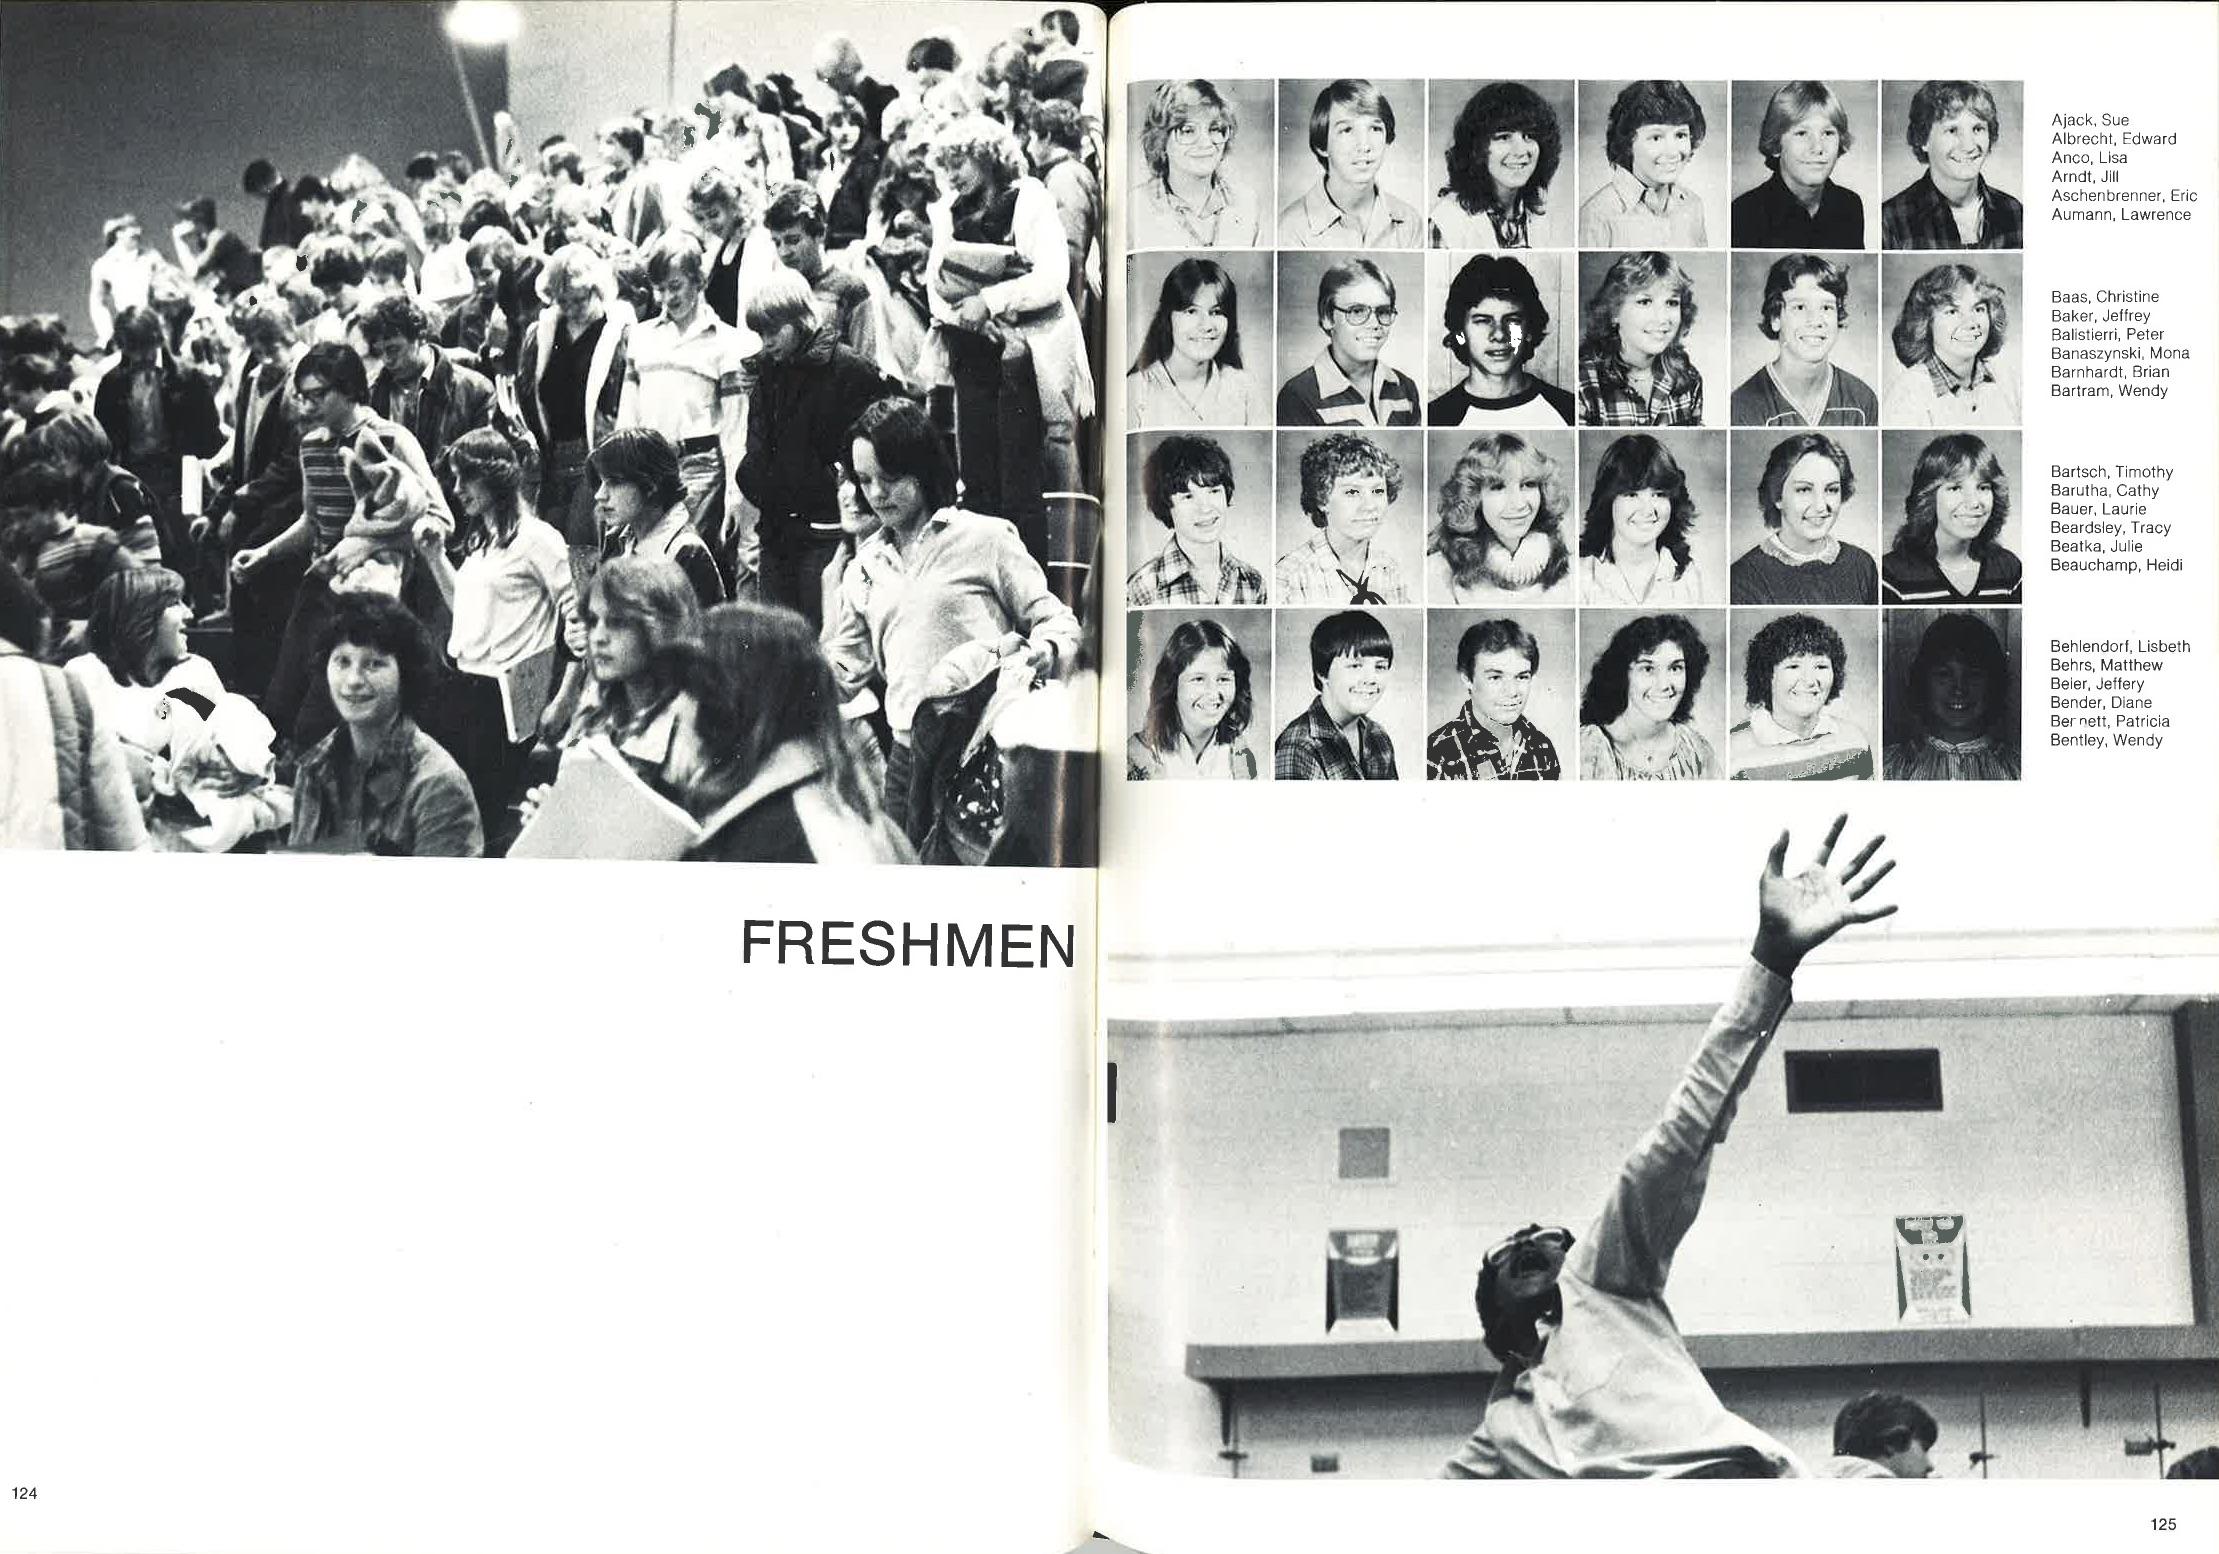 1981_Yearbook_124.jpg